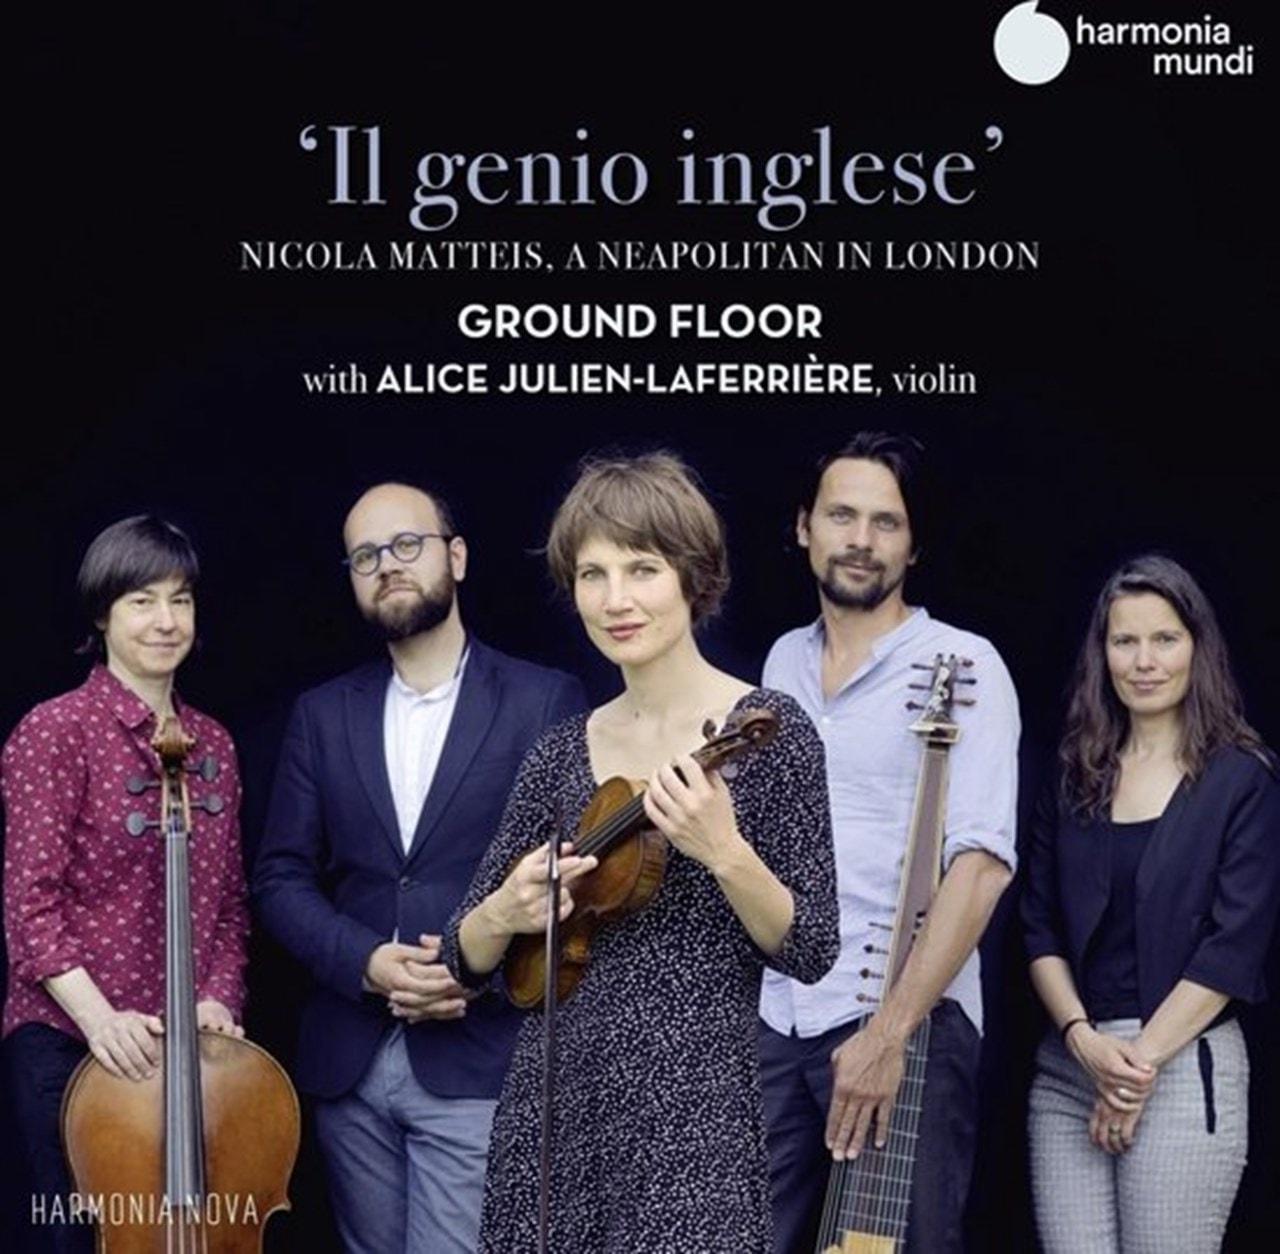 Il Genio Inglese: Nicola Matteis, a Neapolitan in London - 1